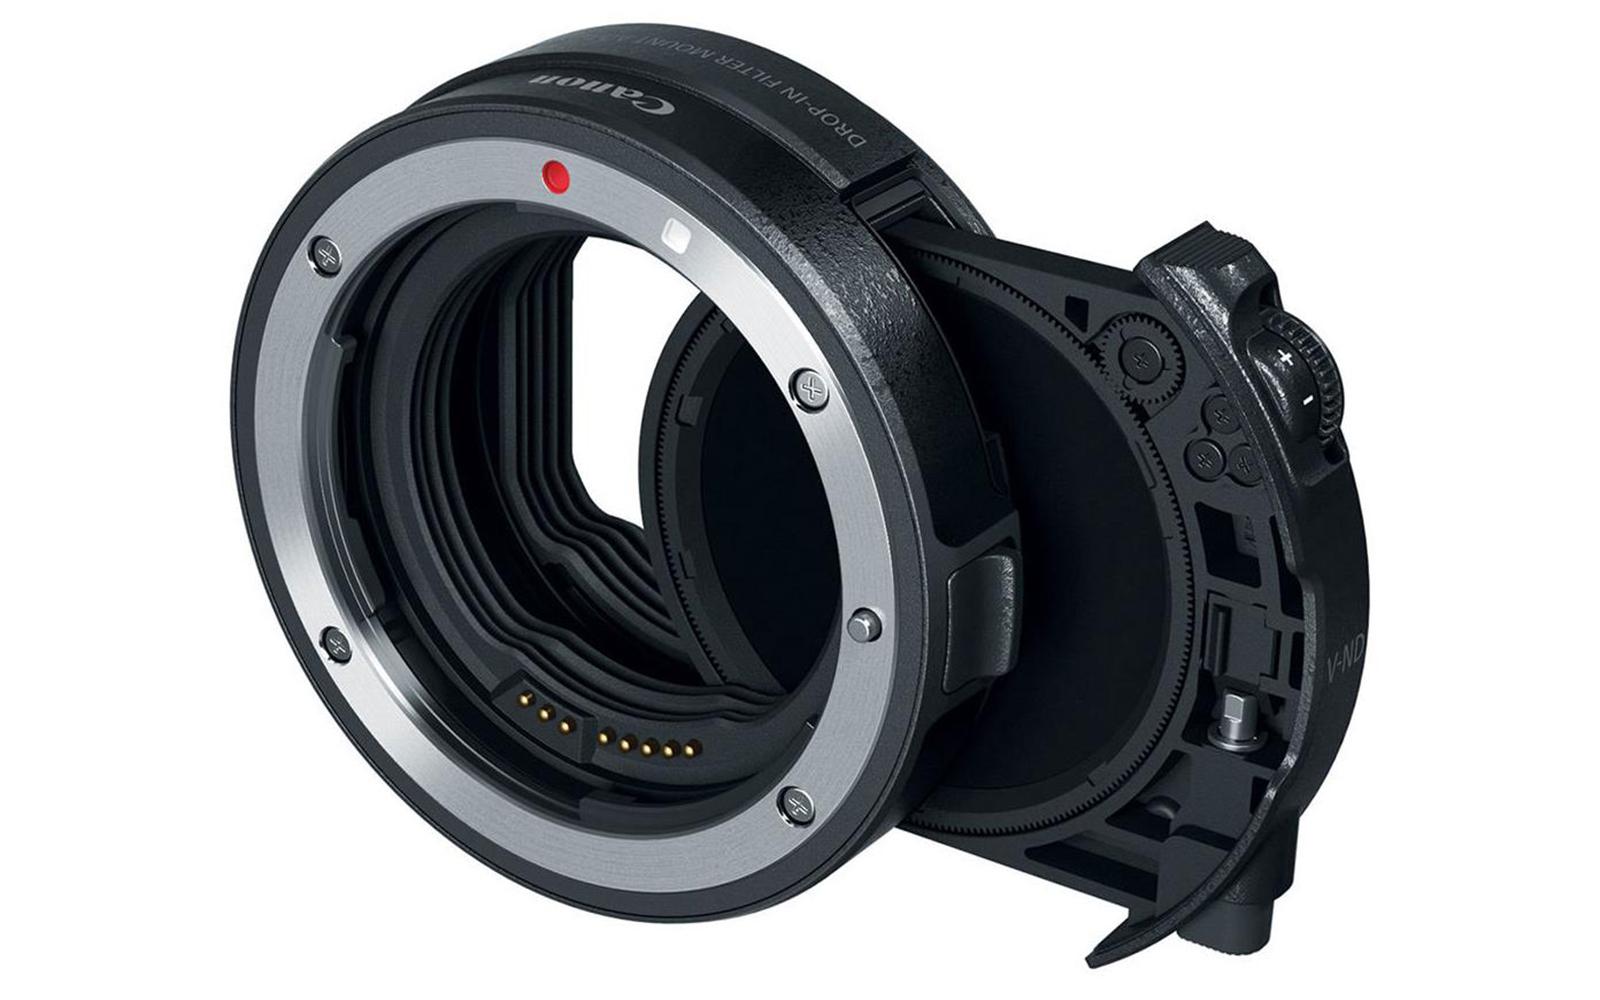 Bộ chuyển đổi gắn kết EF sang RF của Canon với bộ lọc ND giảm đã là một cú hích lớn với các máy quay video.